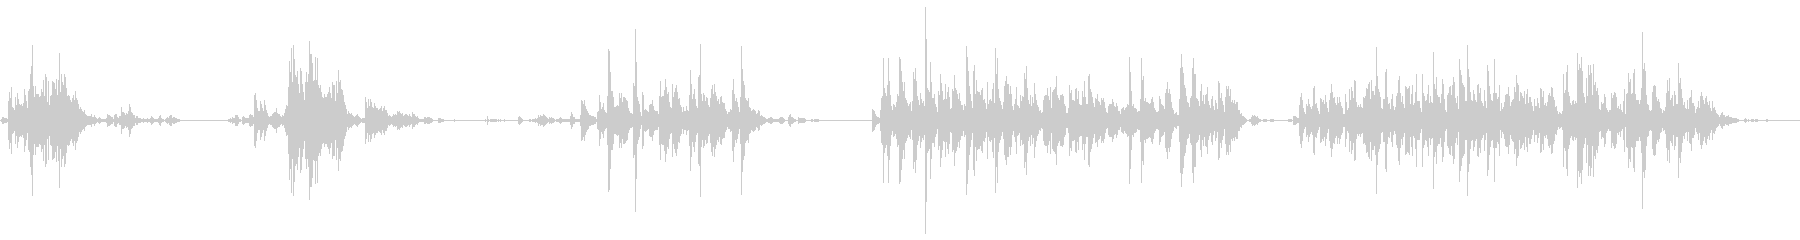 そり鐘:短いジングルの未再生の波形